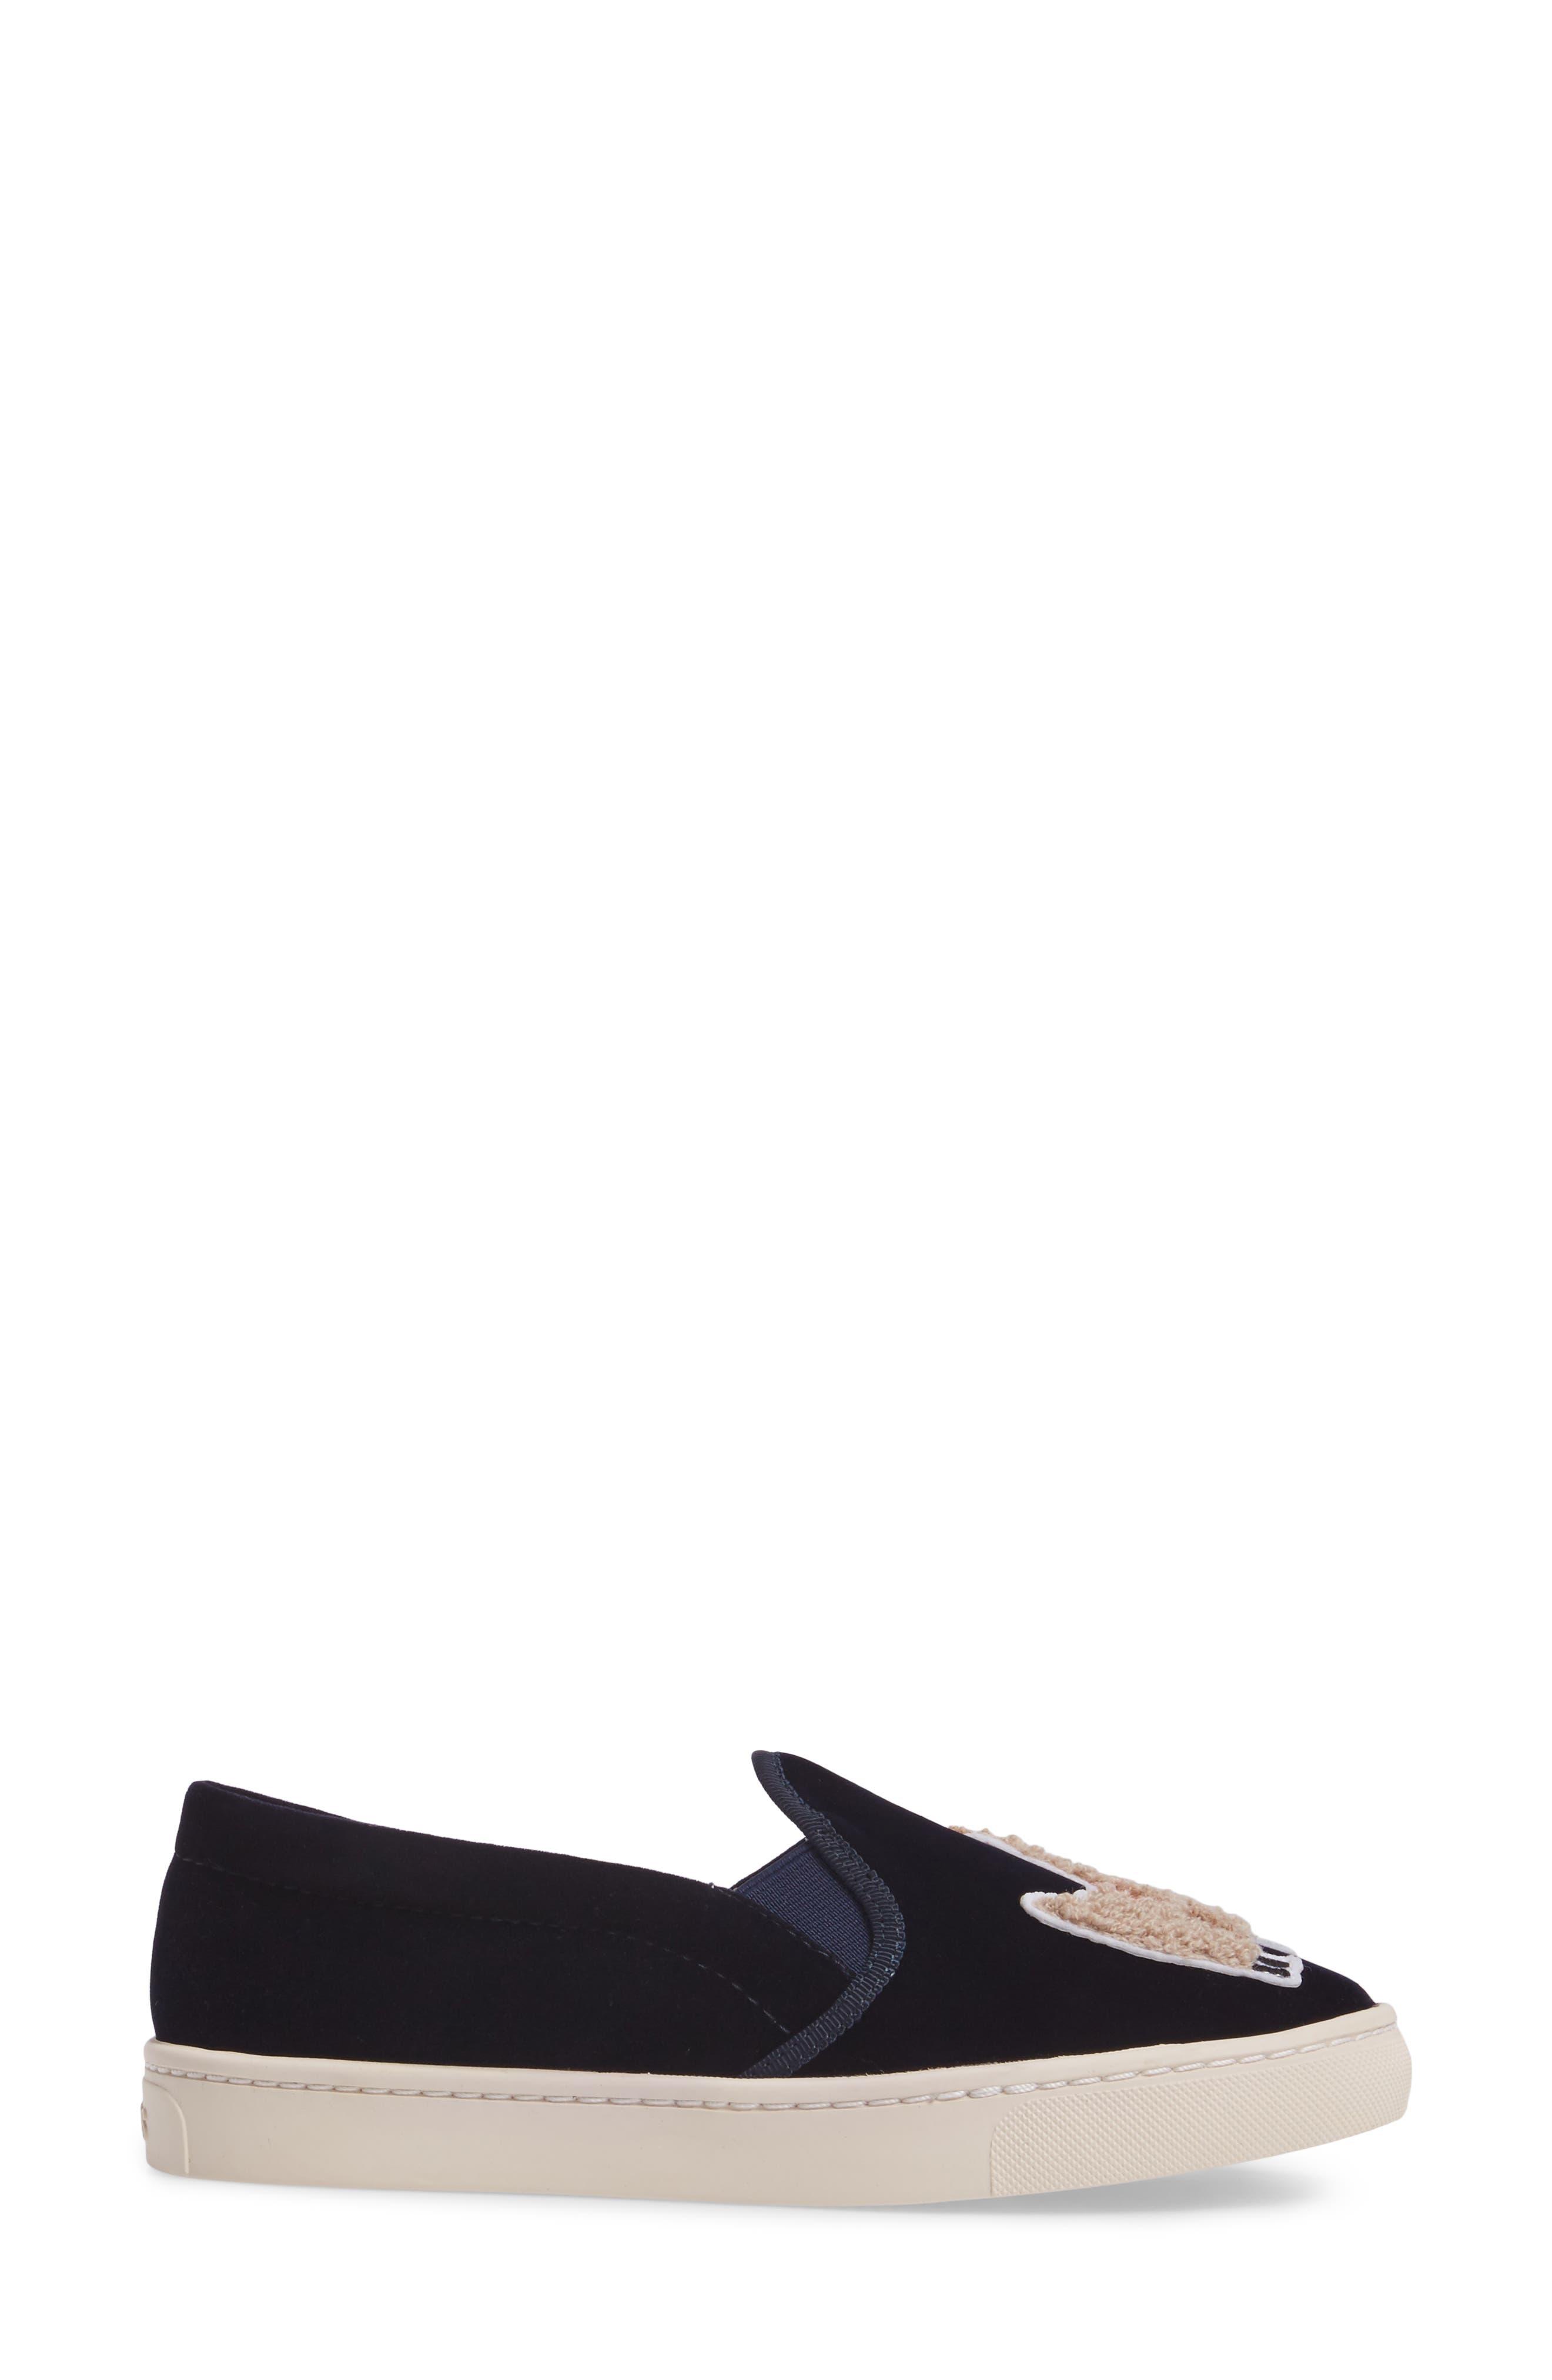 Alternate Image 3  - Soludos Velvet Sneaker (Women)